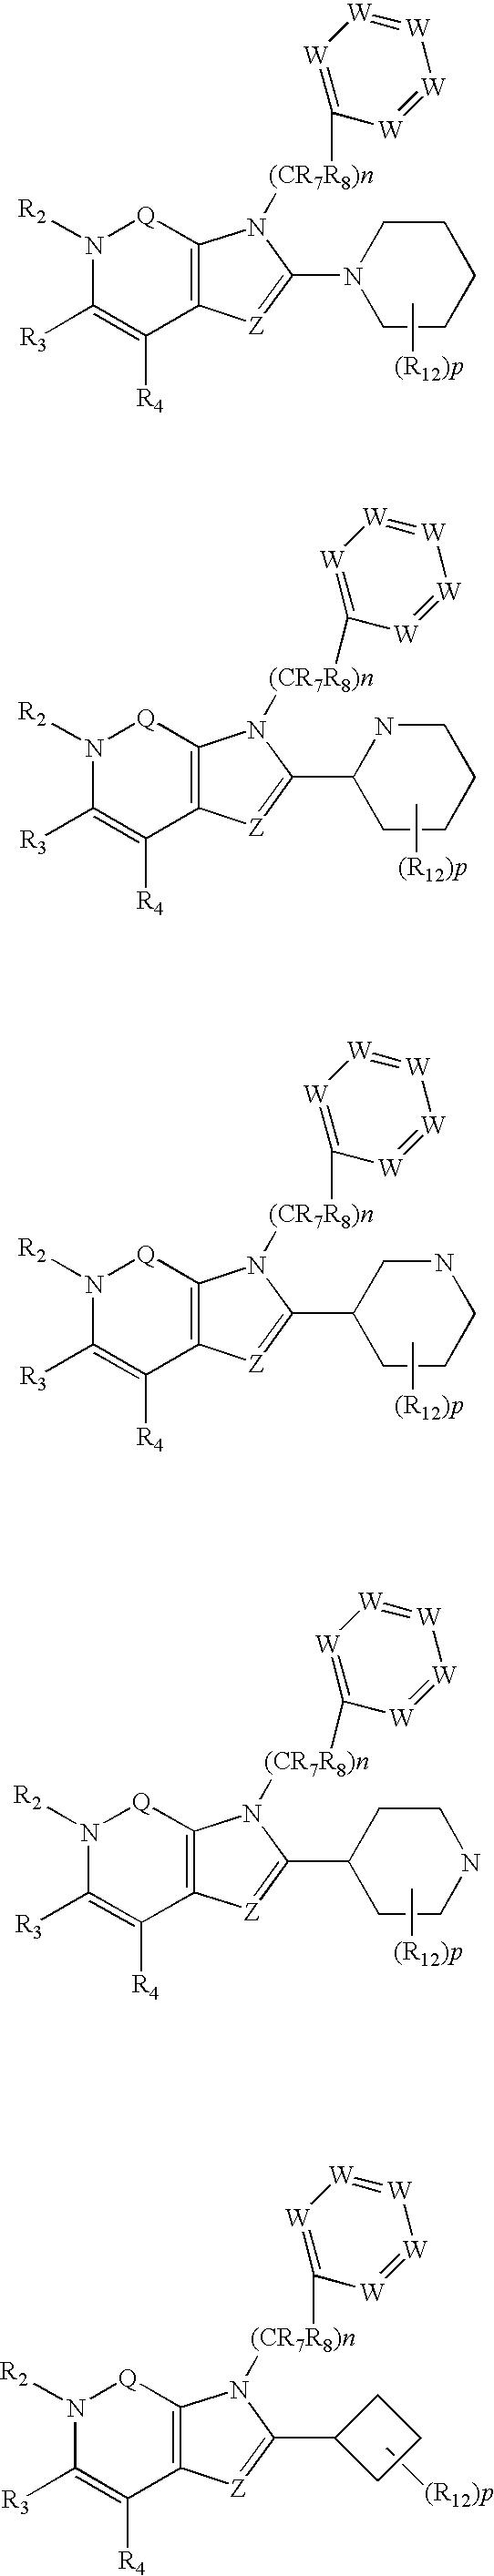 Figure US07678909-20100316-C00016